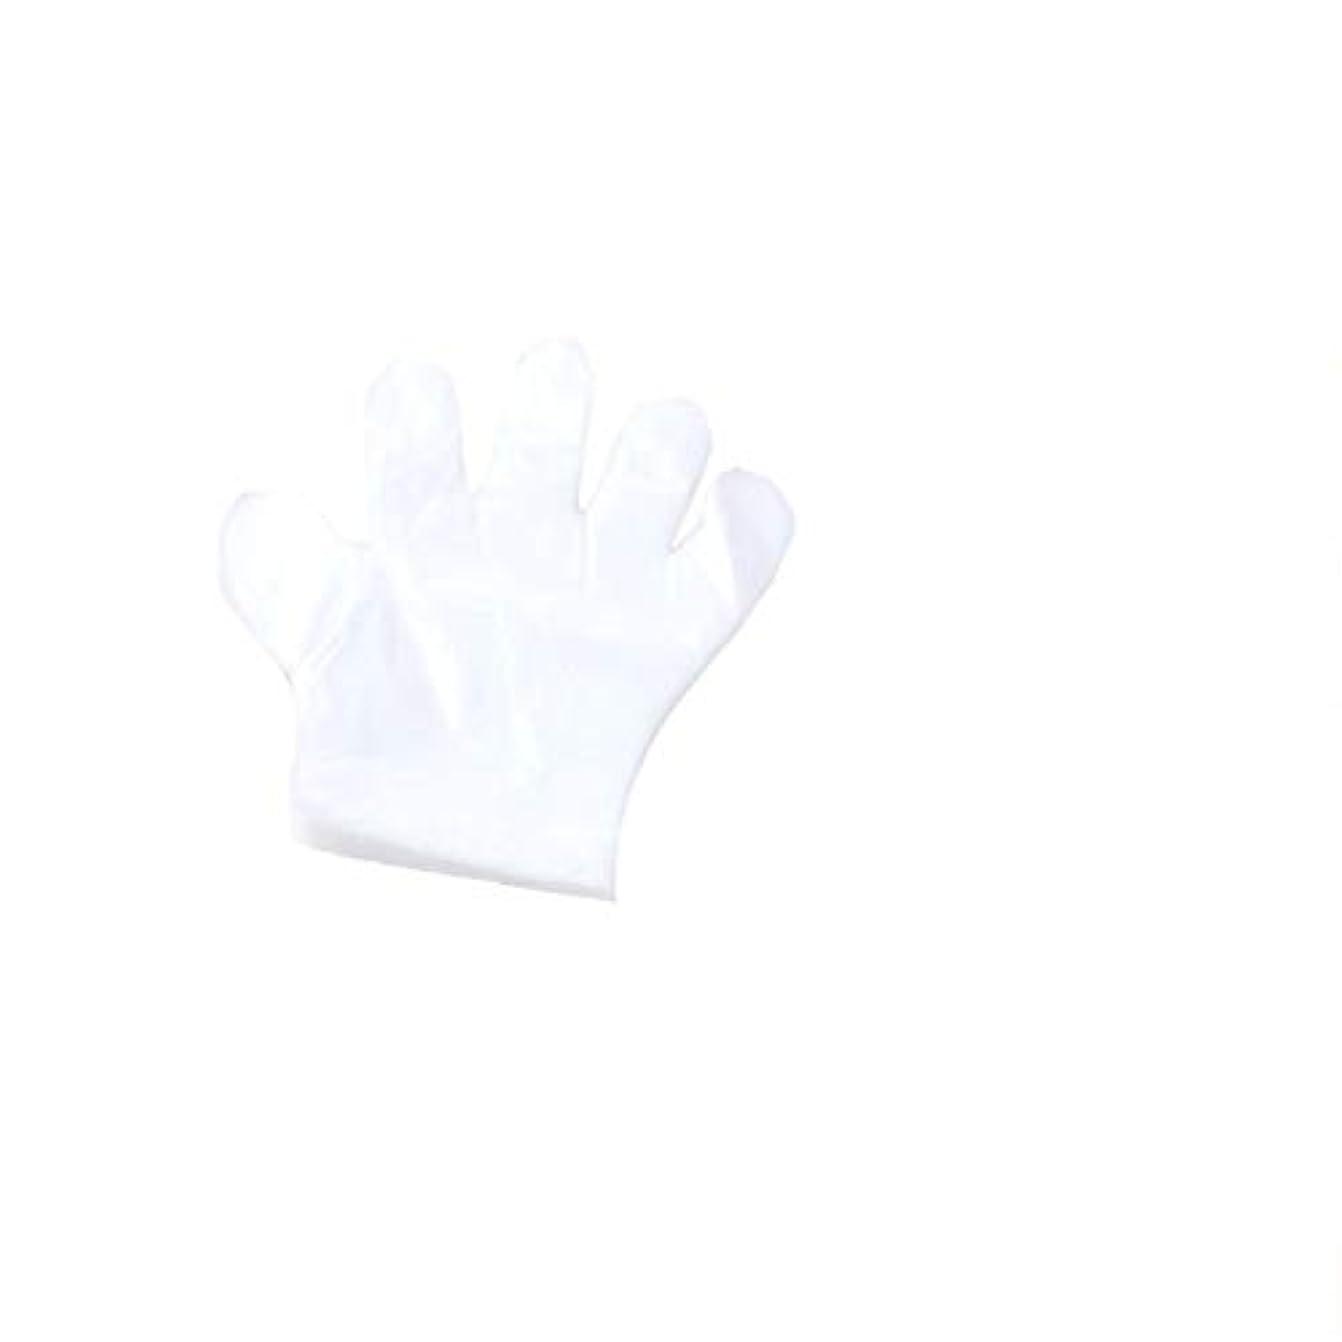 義務的豪華な残る手袋は、2000年の食品グレードの家庭用の透明プラスチック使い捨て手袋でのみ厚くなっています。 (UnitCount : 2000*2000)